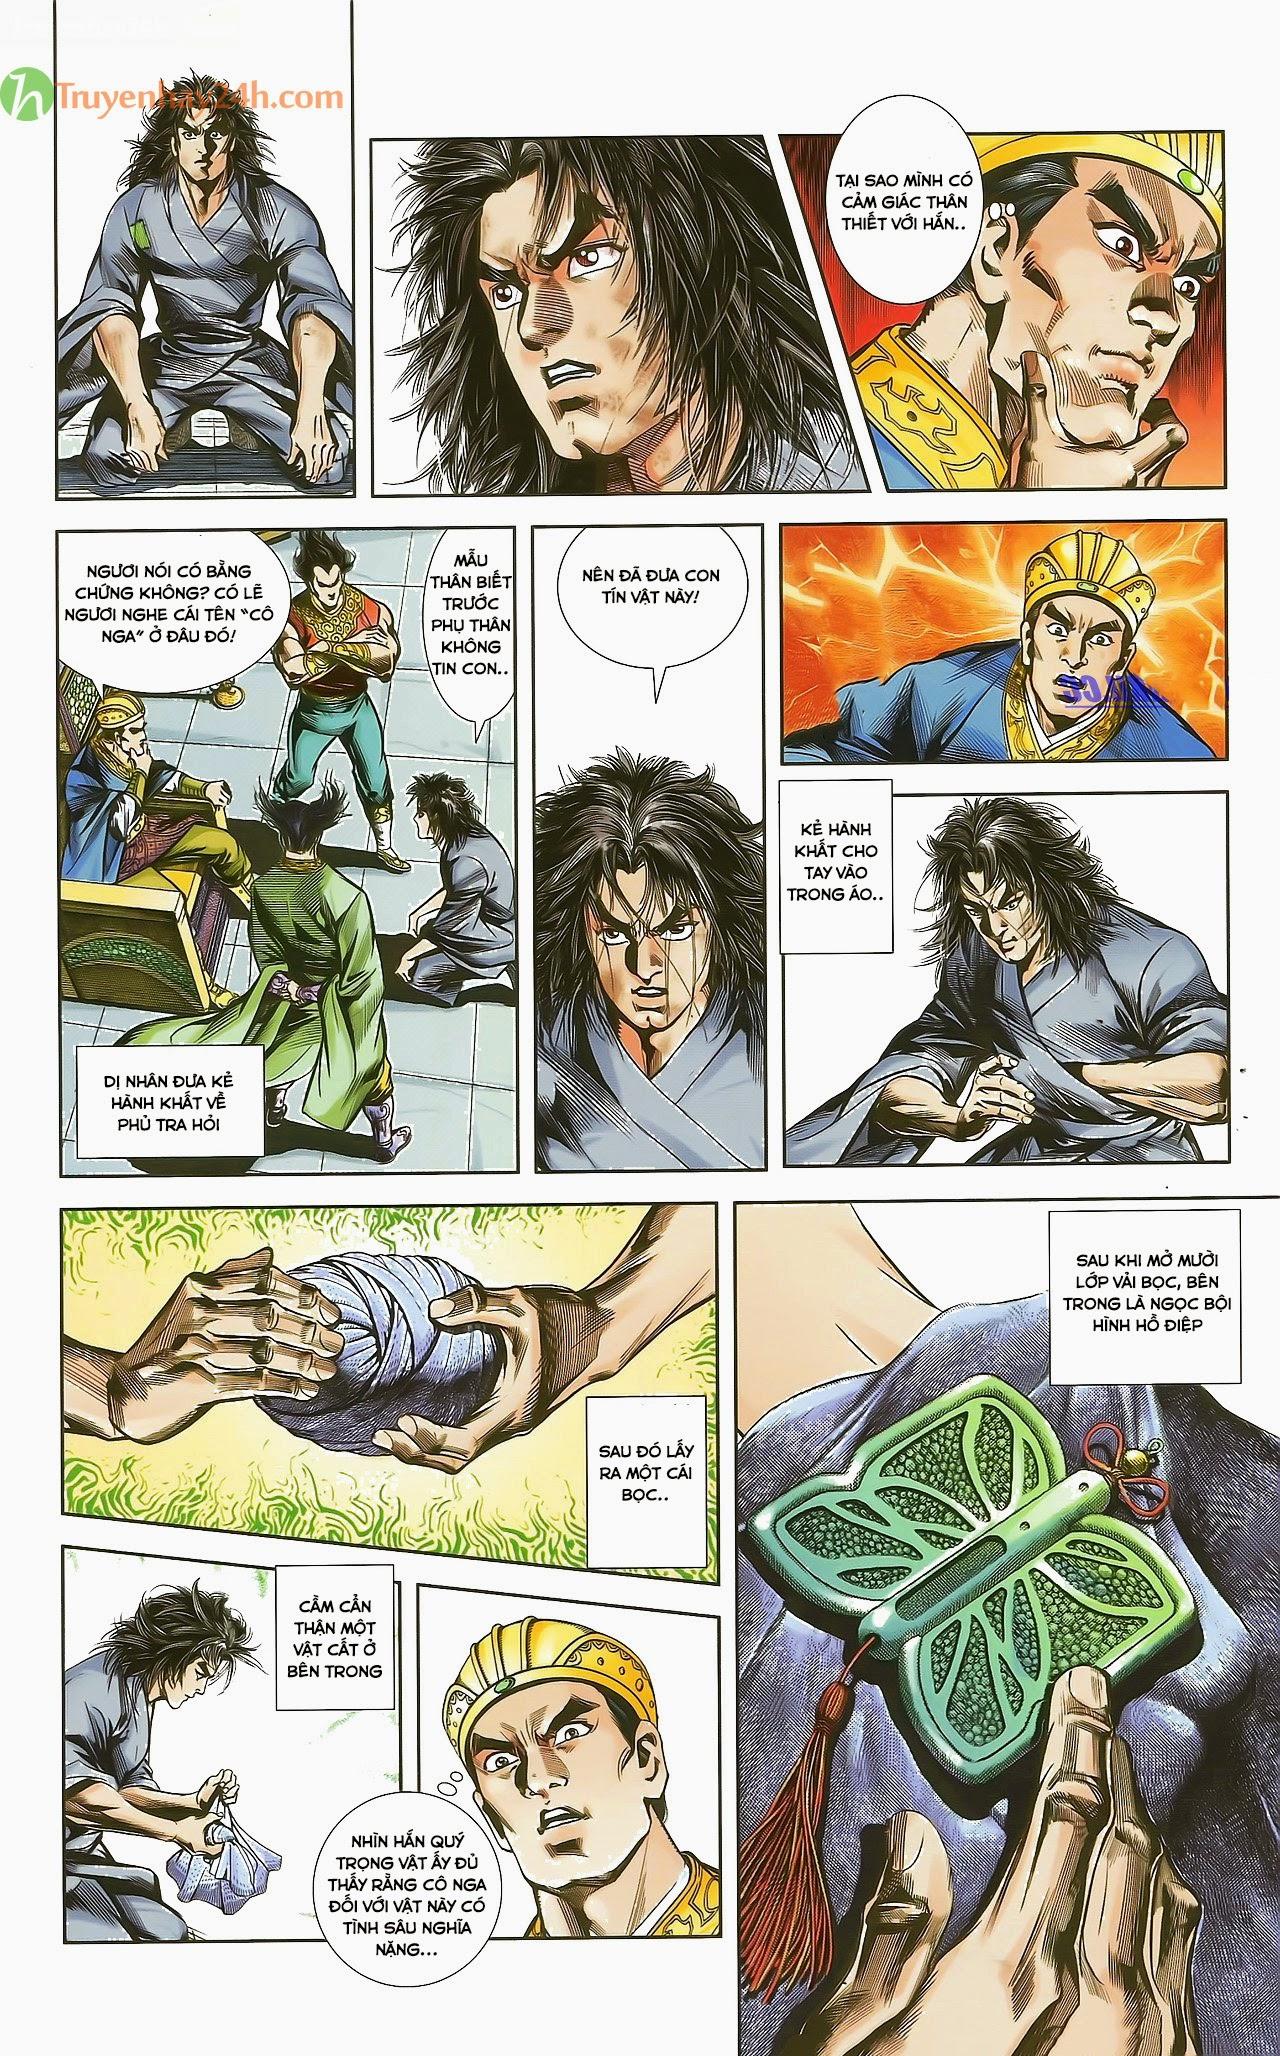 Tần Vương Doanh Chính chapter 29.1 trang 7